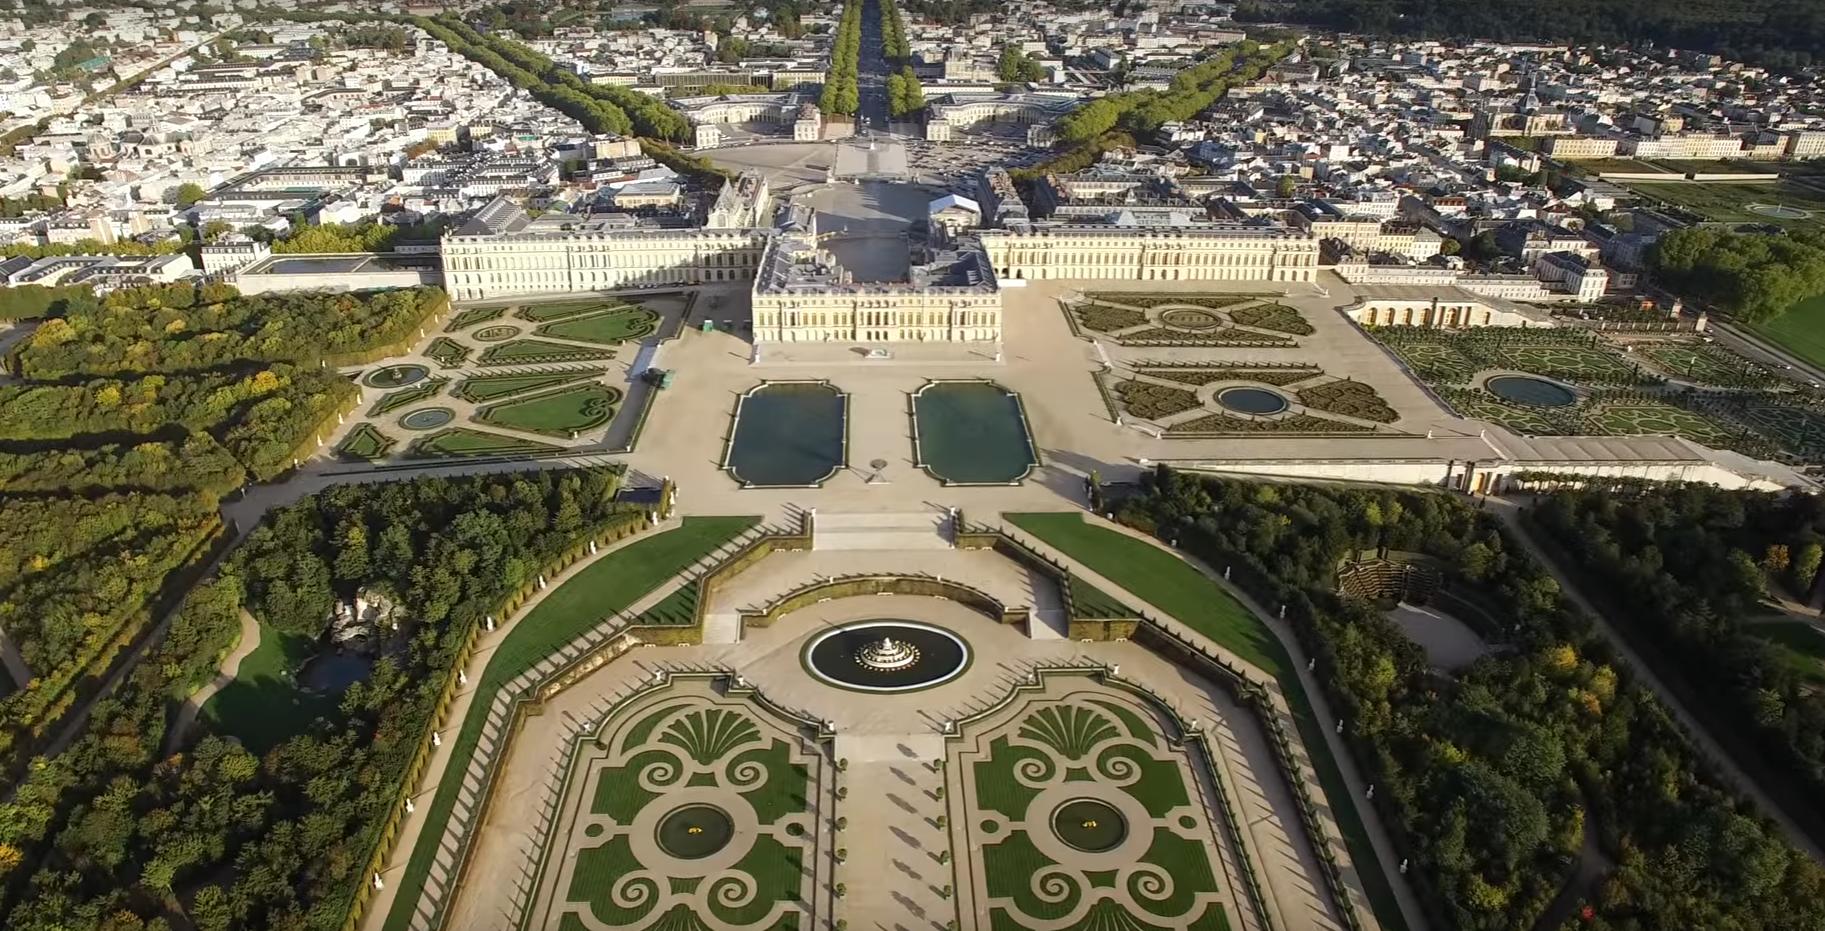 Jean-Michel Apathie voudrait raser le château de Versailles